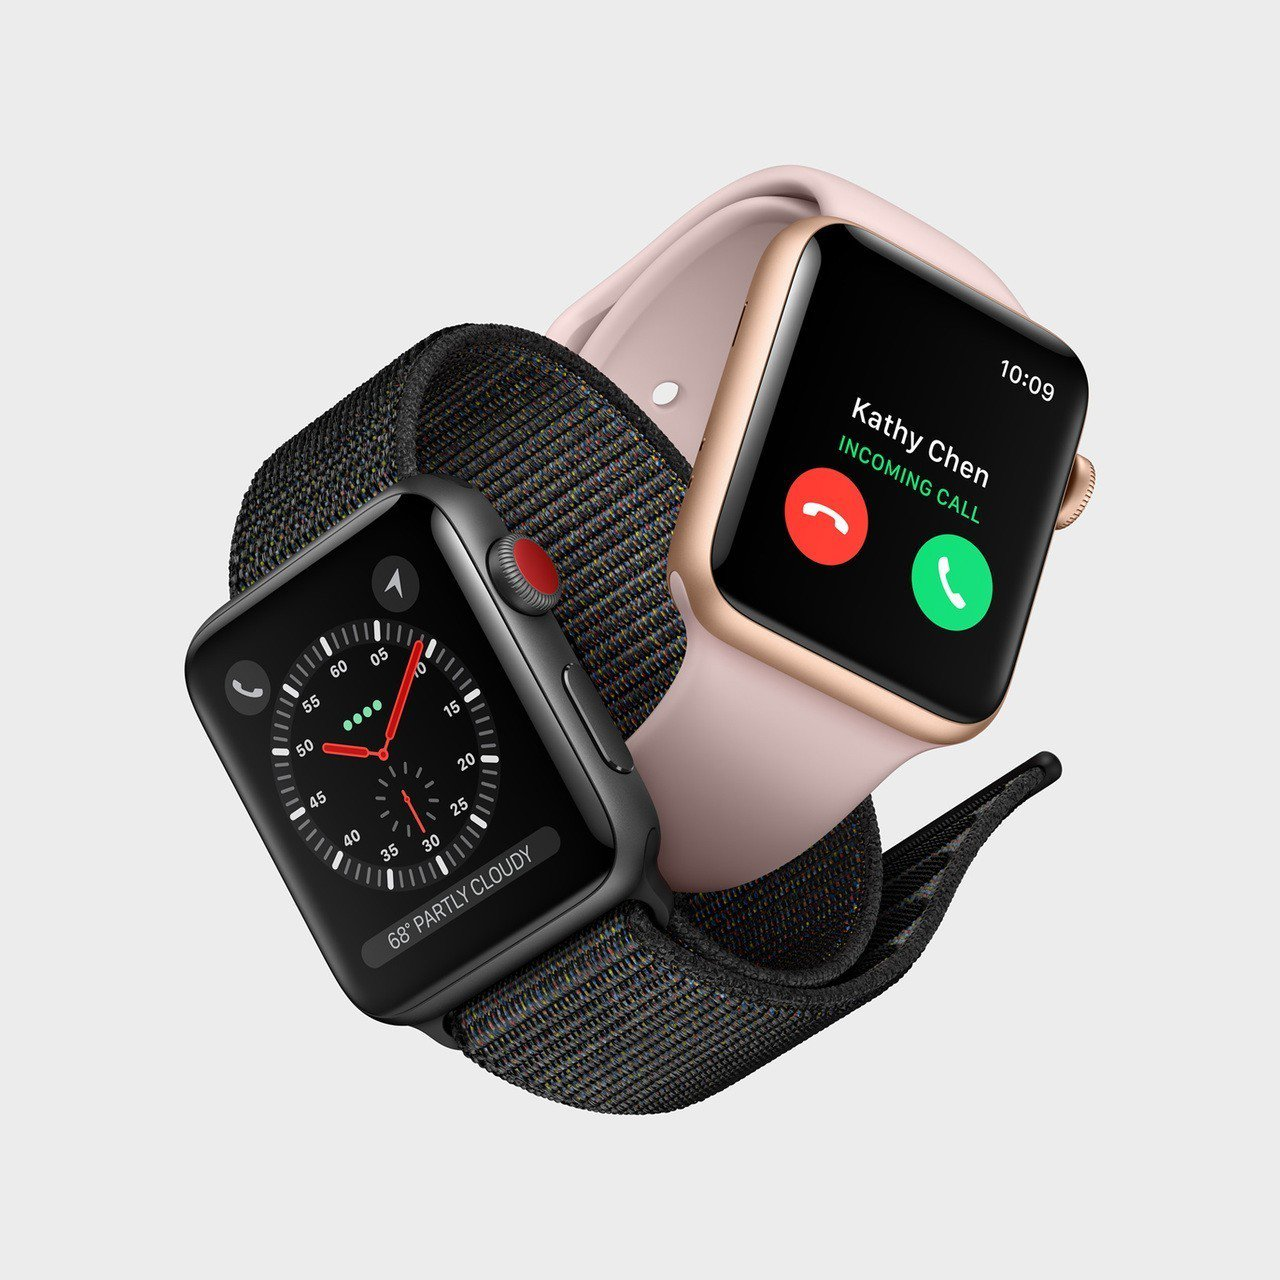 中華電信宣布推出官網限定的iPhone 7、Apple Watch Series...